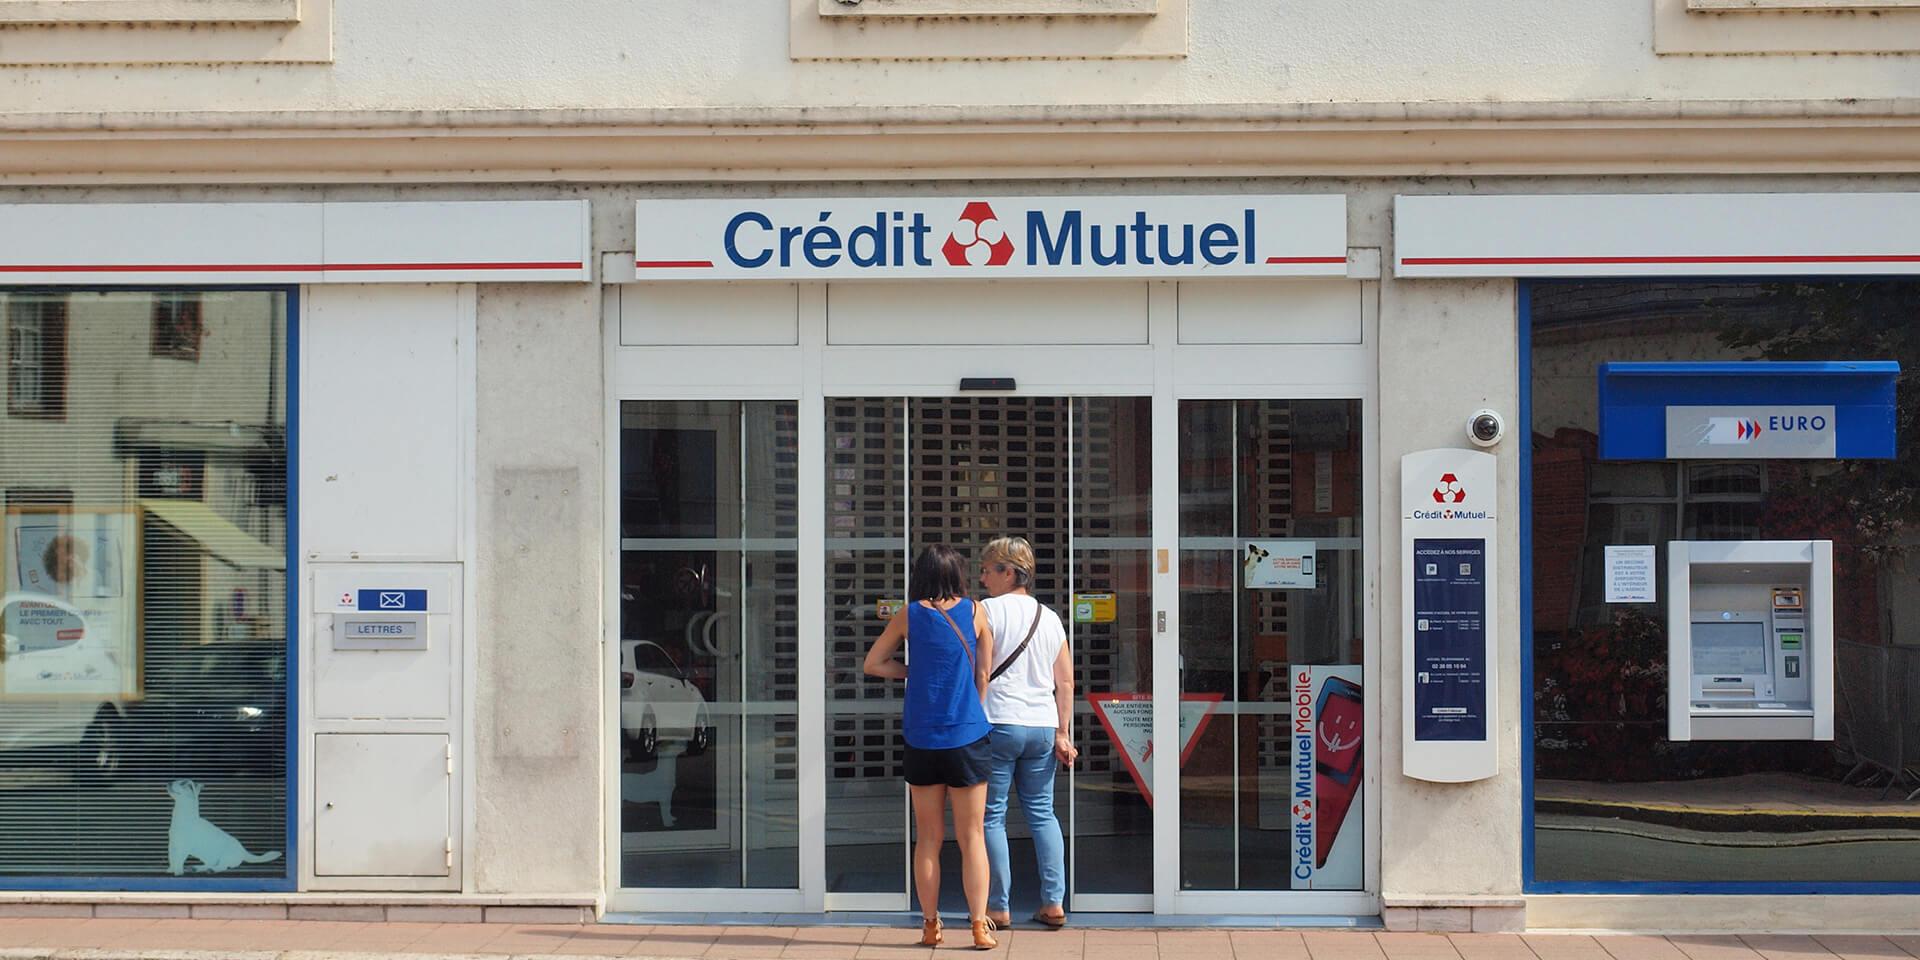 Brèves CFTC Crédit Mutuel : congés, convergence et ODM